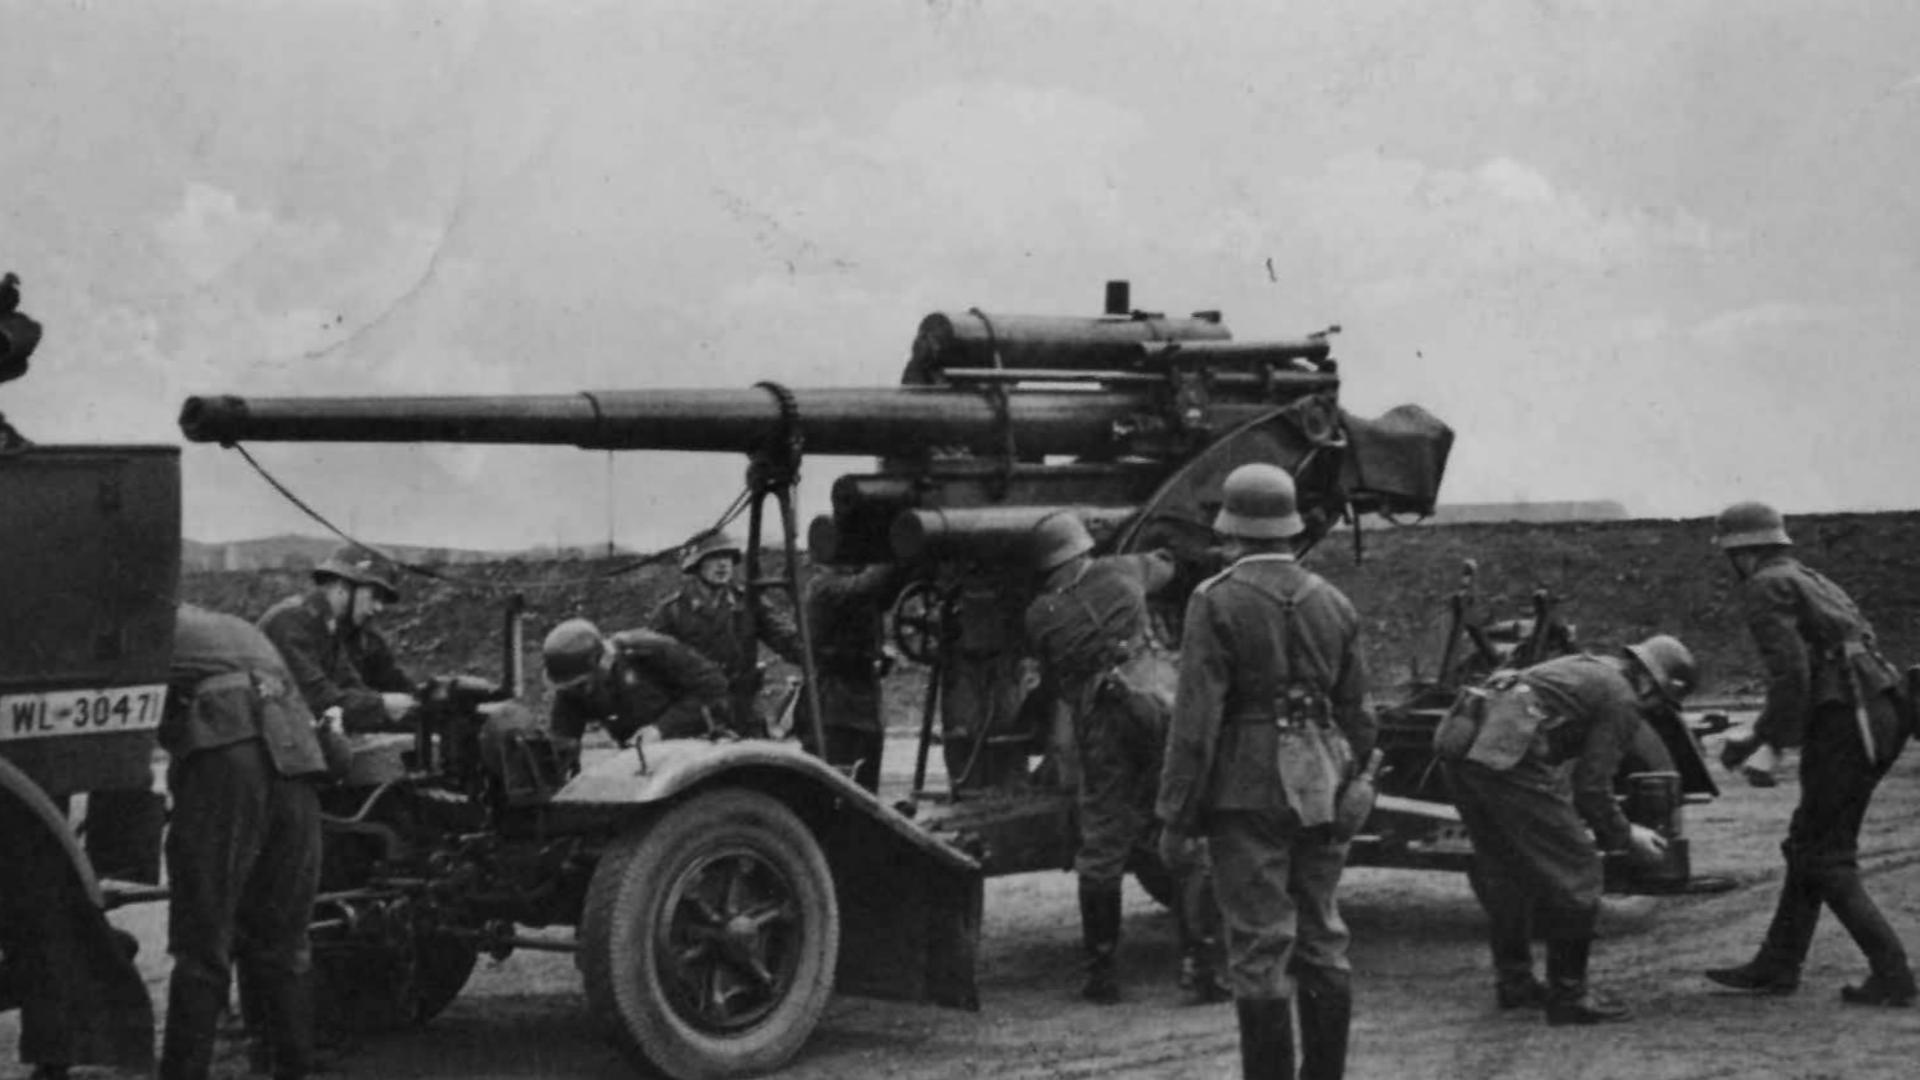 【复盘二战】此炮靠副业威震天下 成为二战传奇兵器